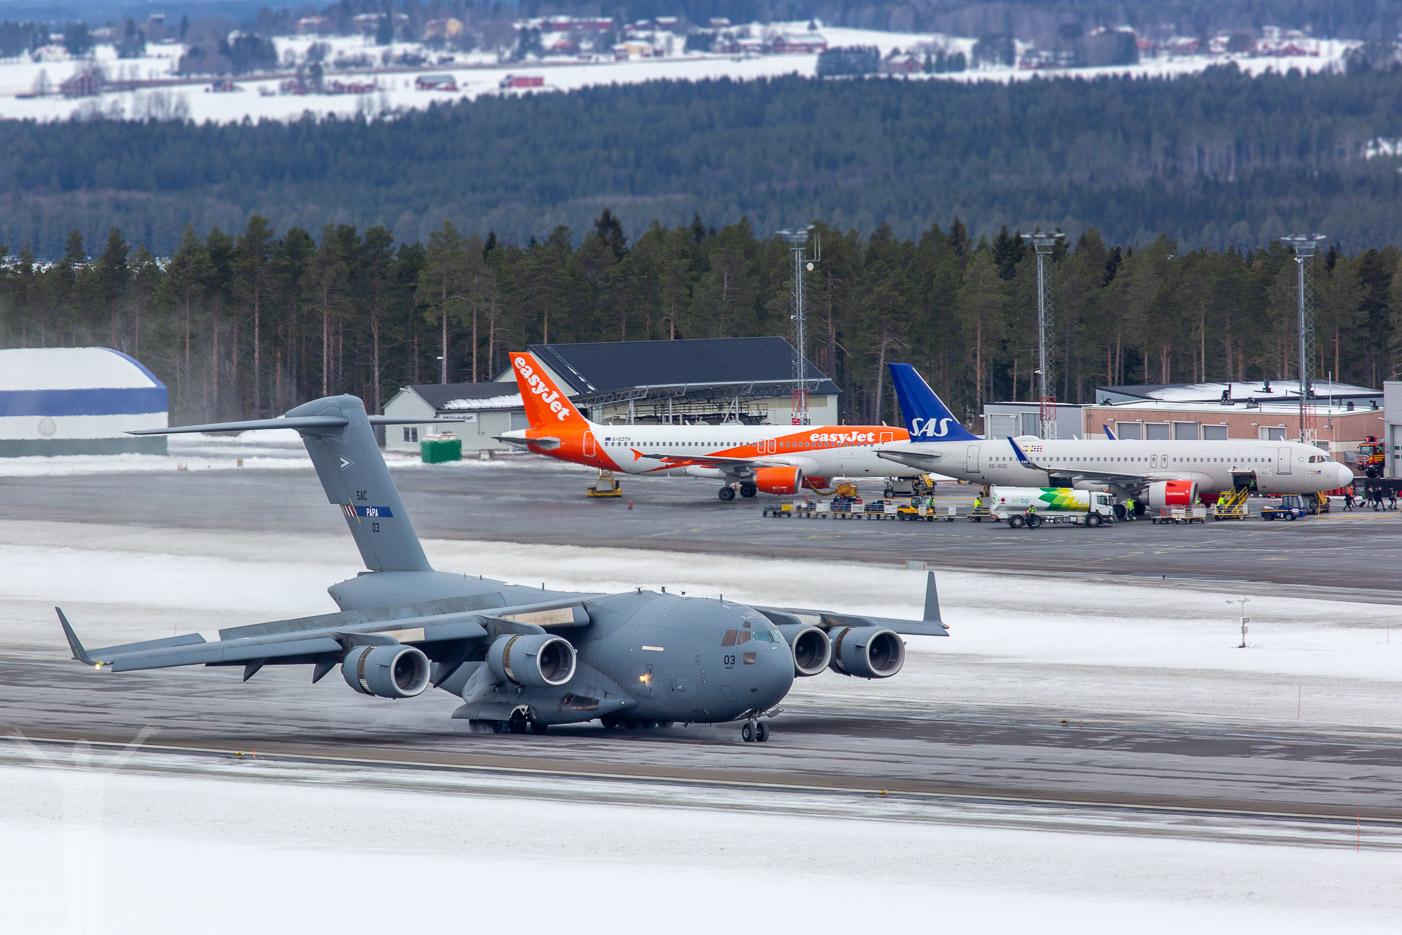 C-17 på Åre Östersund Airport